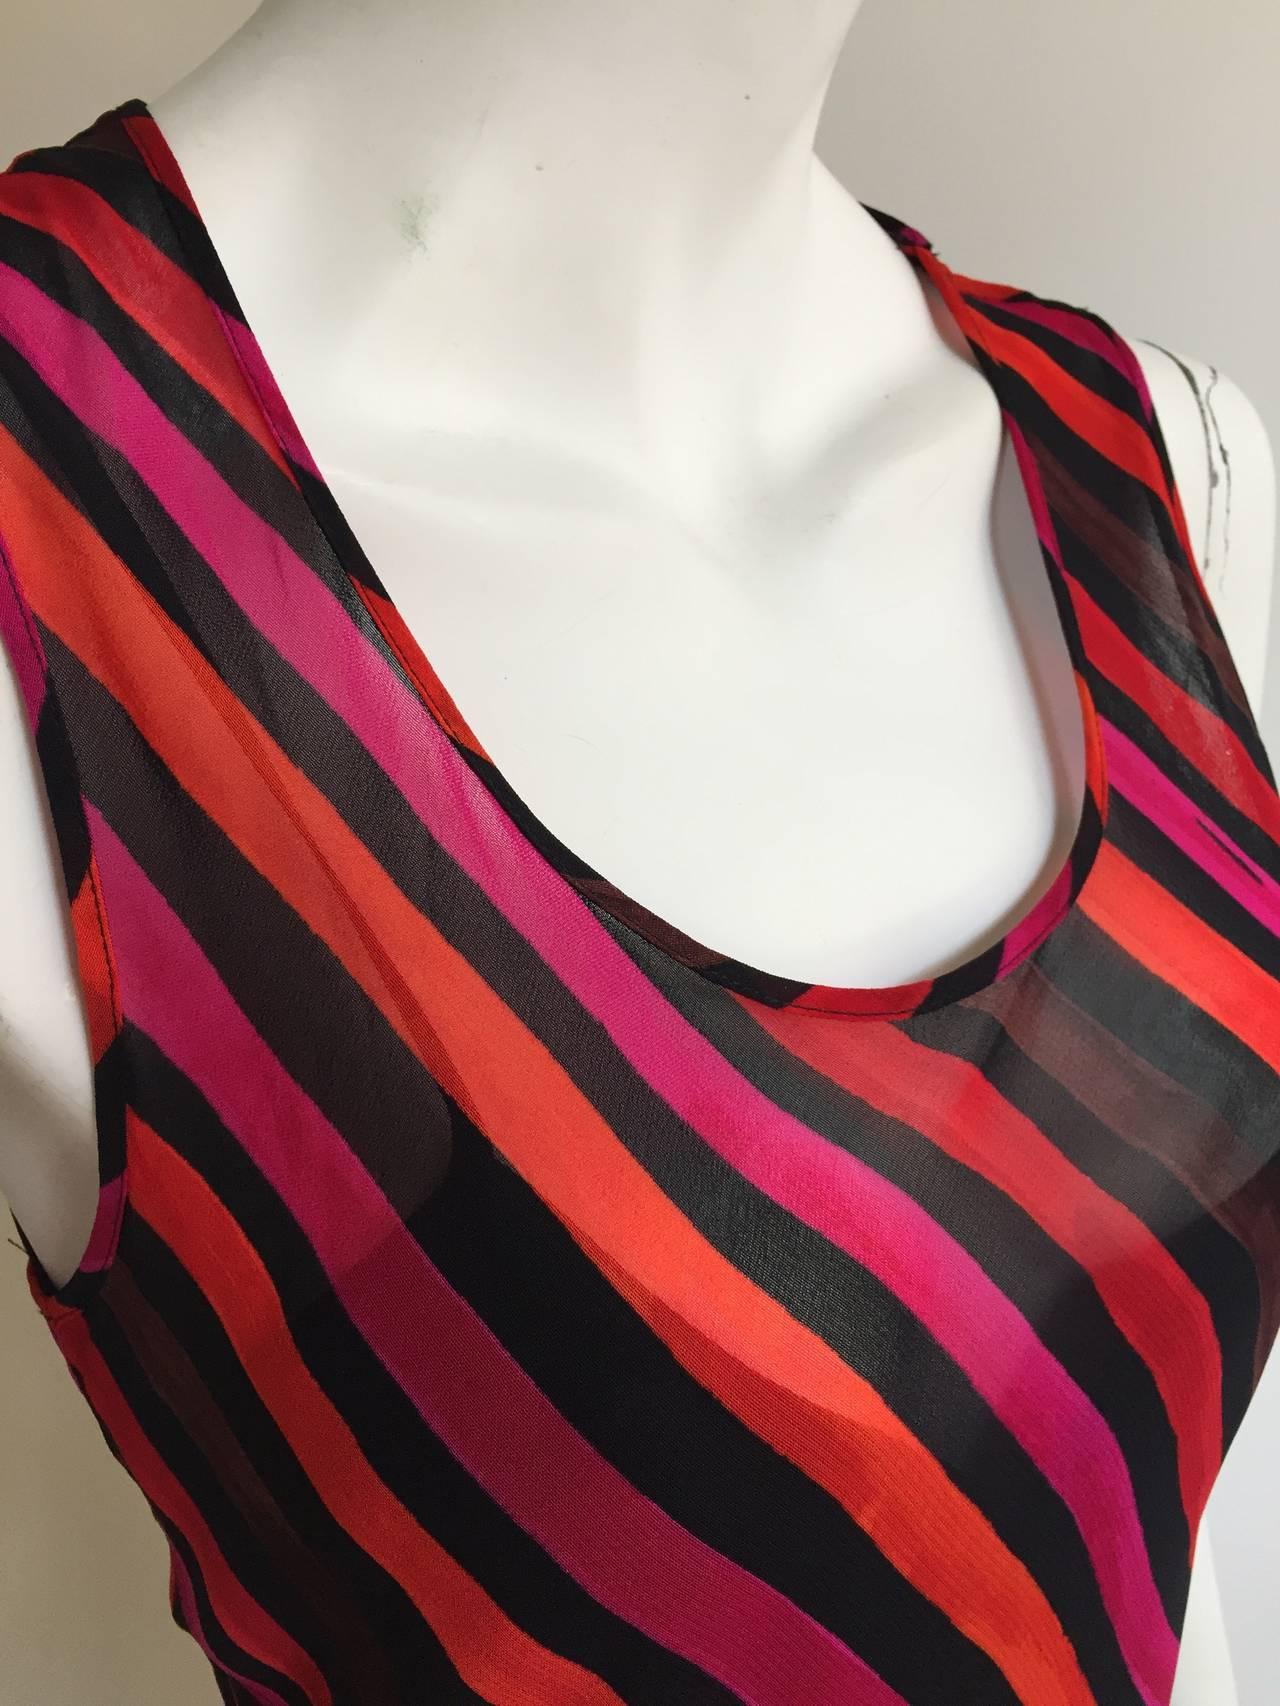 Sonia Rykiel  Striped Dress Size 4 / 6. For Sale 2